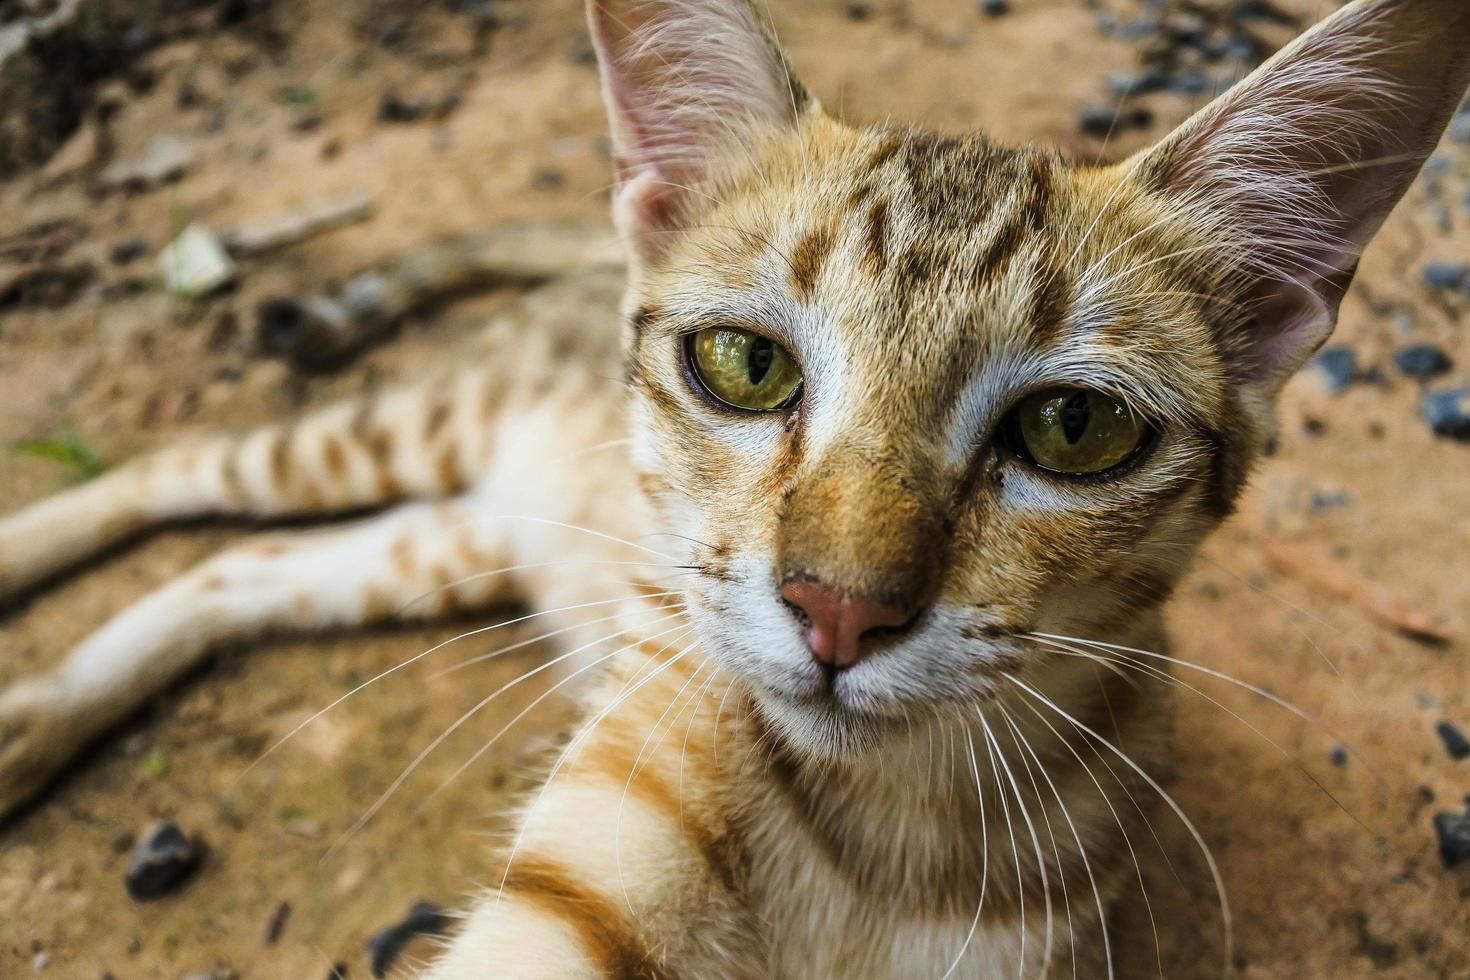 giovane gatto randagio foto